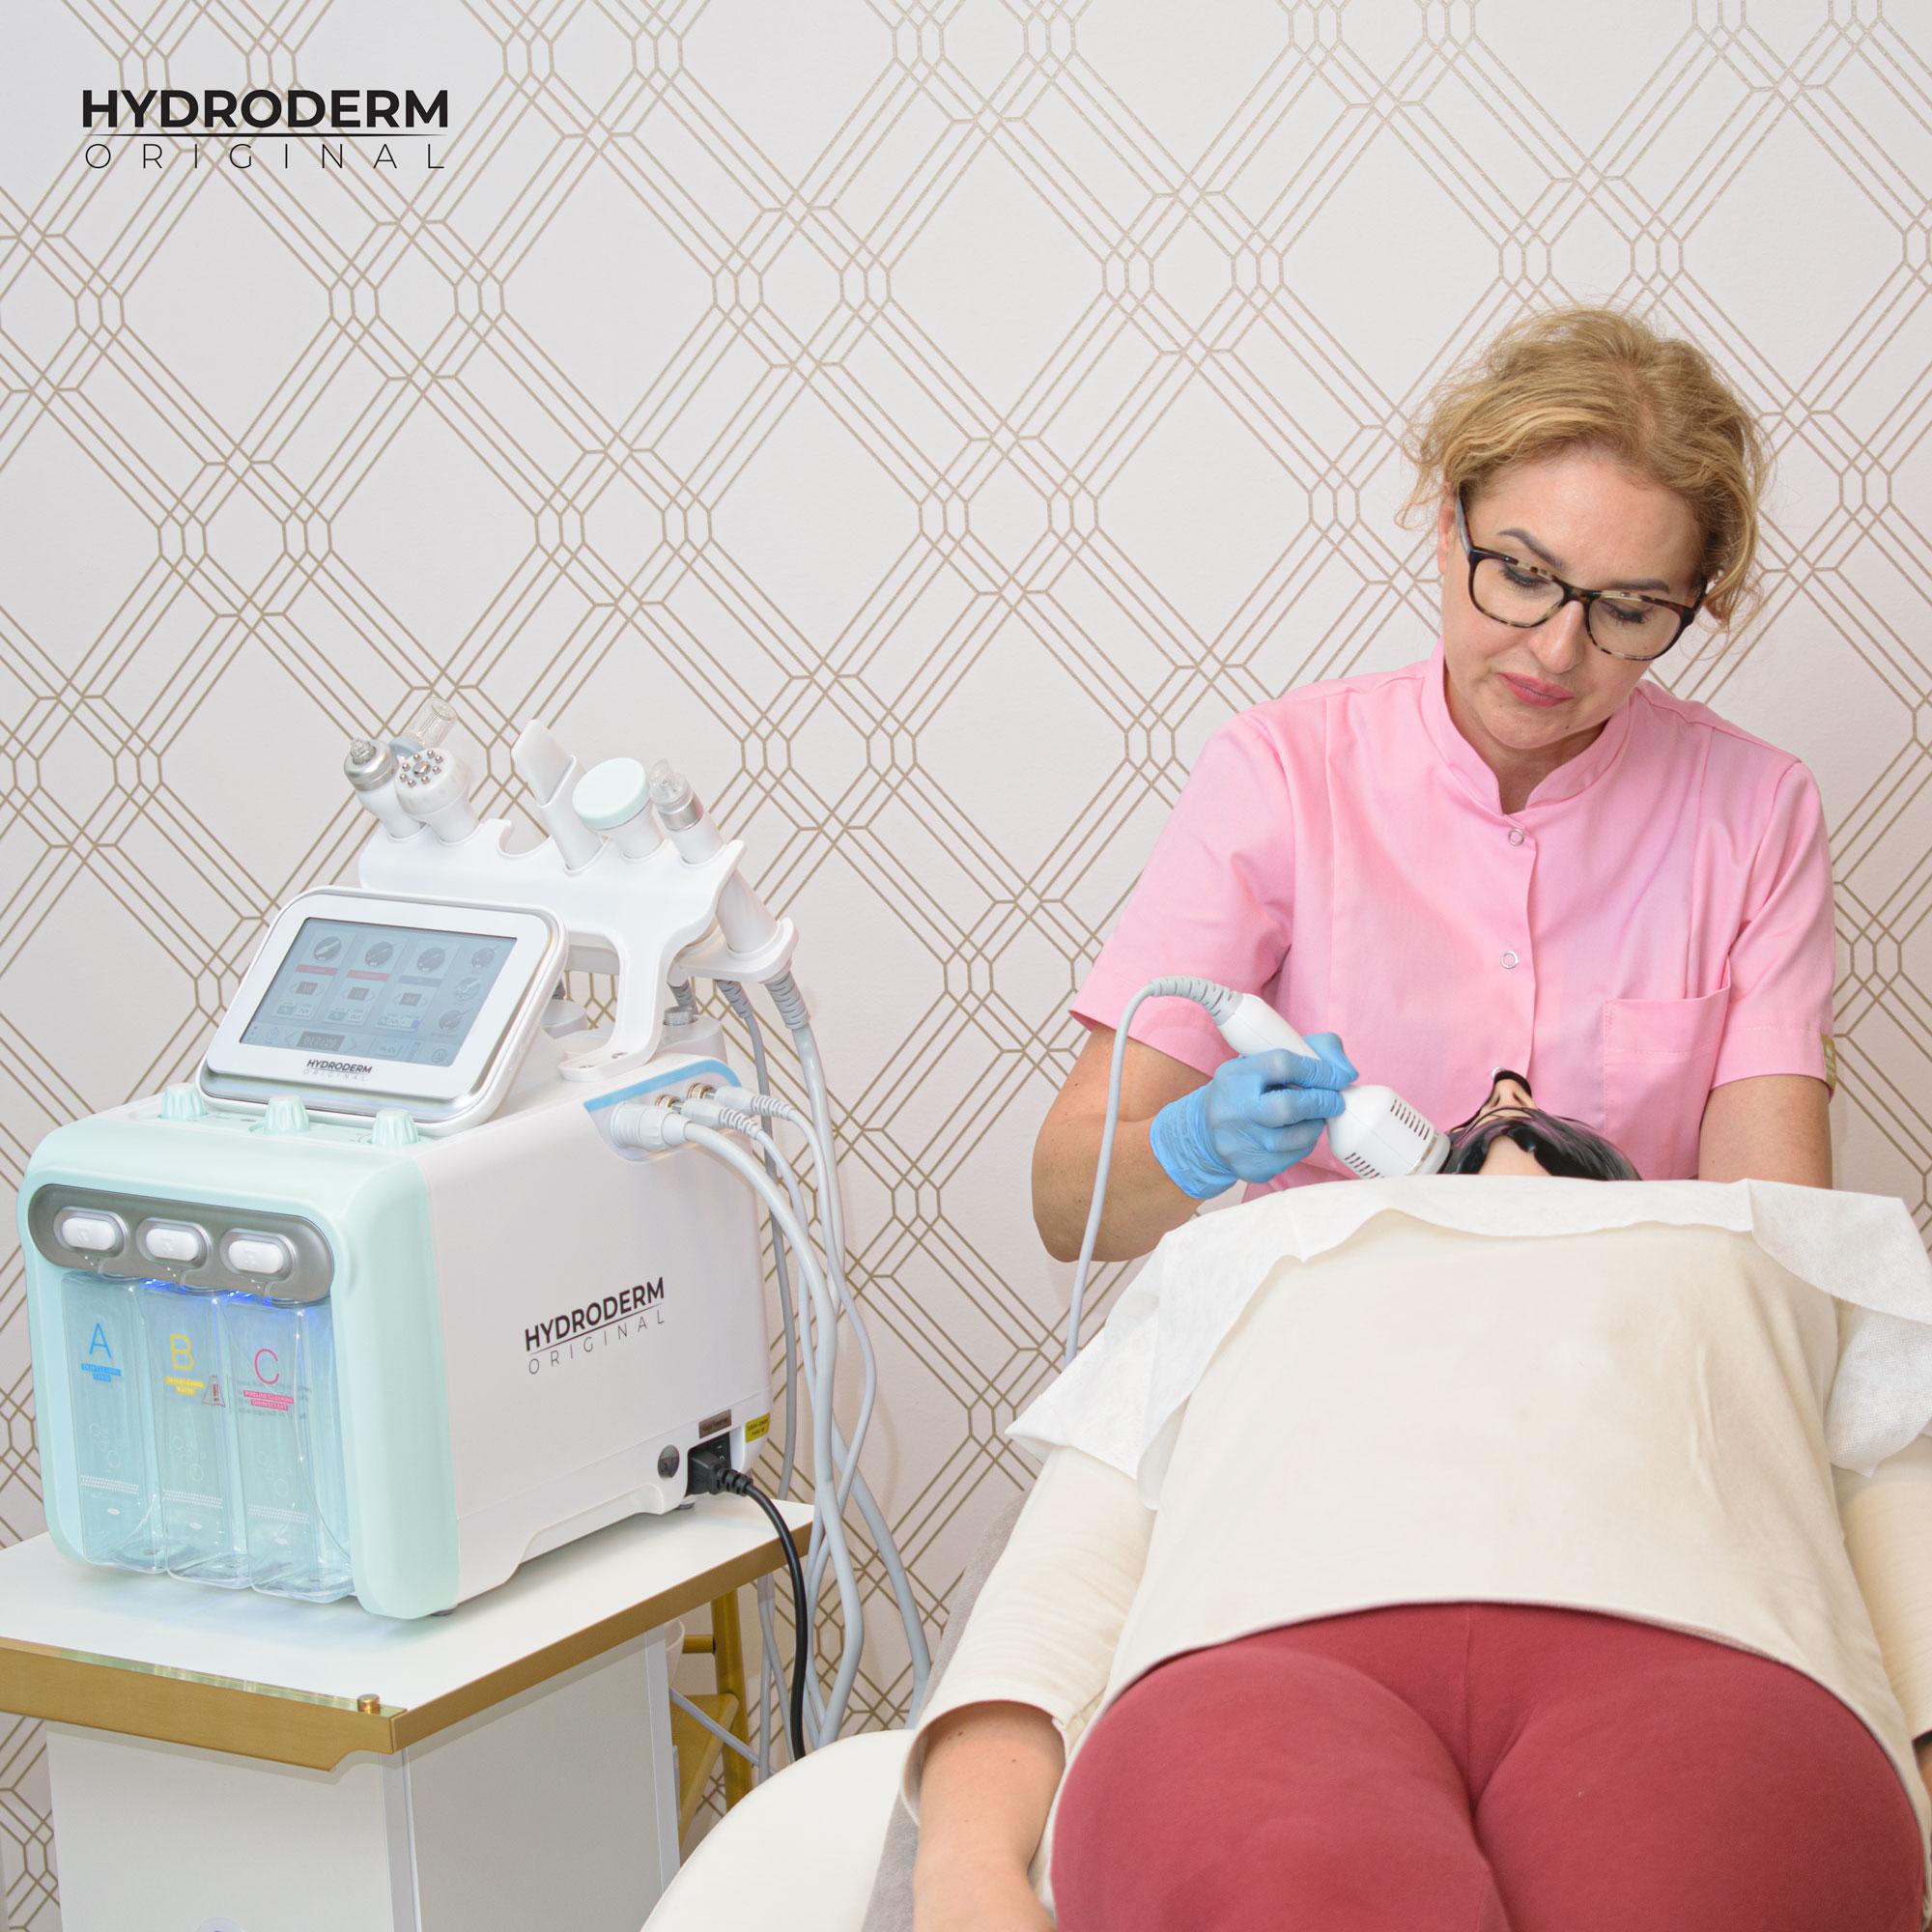 Czy krioterapia likwiduje ewantualne zaczerwienienie oraz obkurcza naczynia krwionośne?